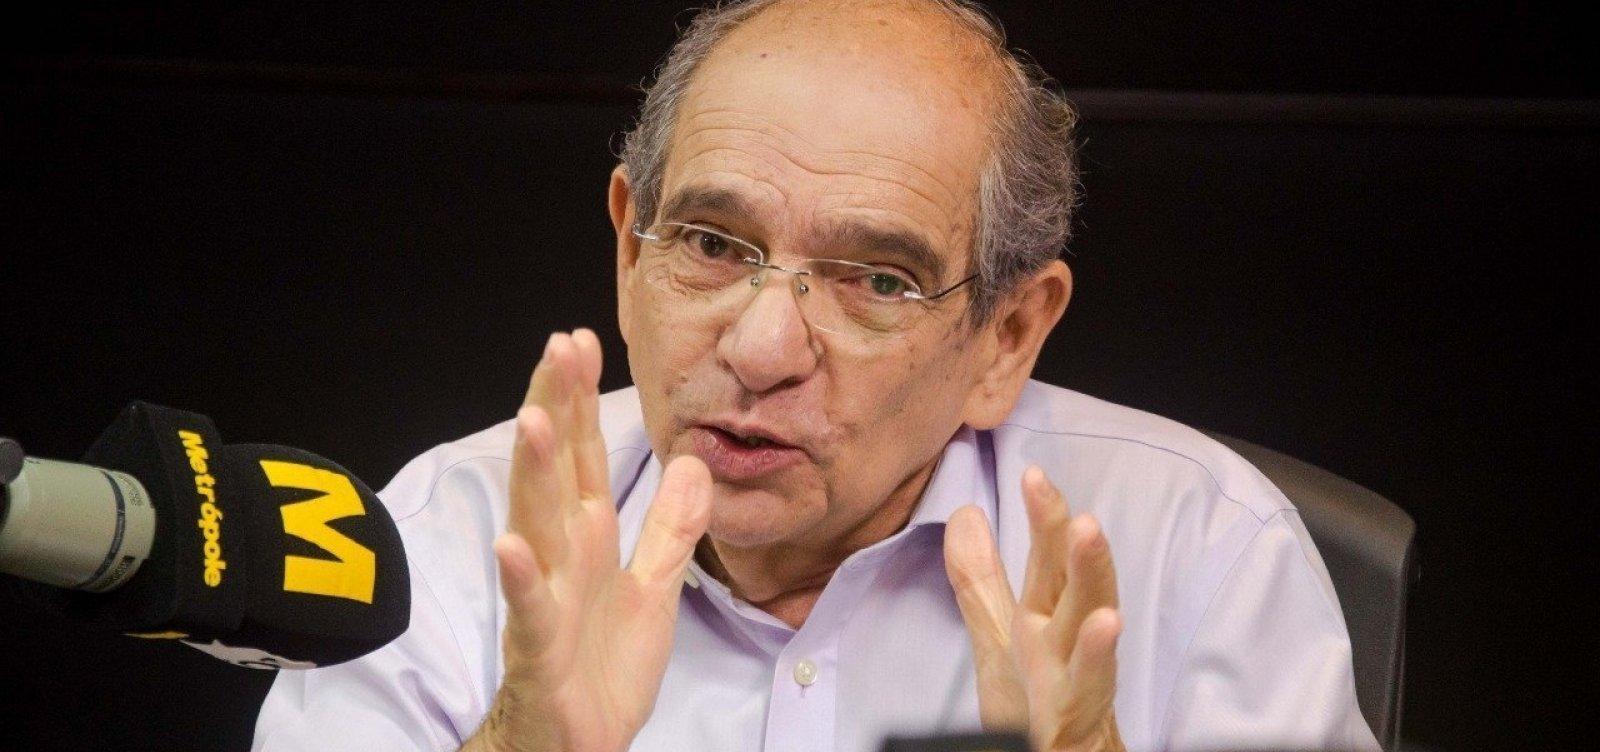 Saída do Mercosul por 'briga ideológica' pode prejudicar o país, diz MK; ouça